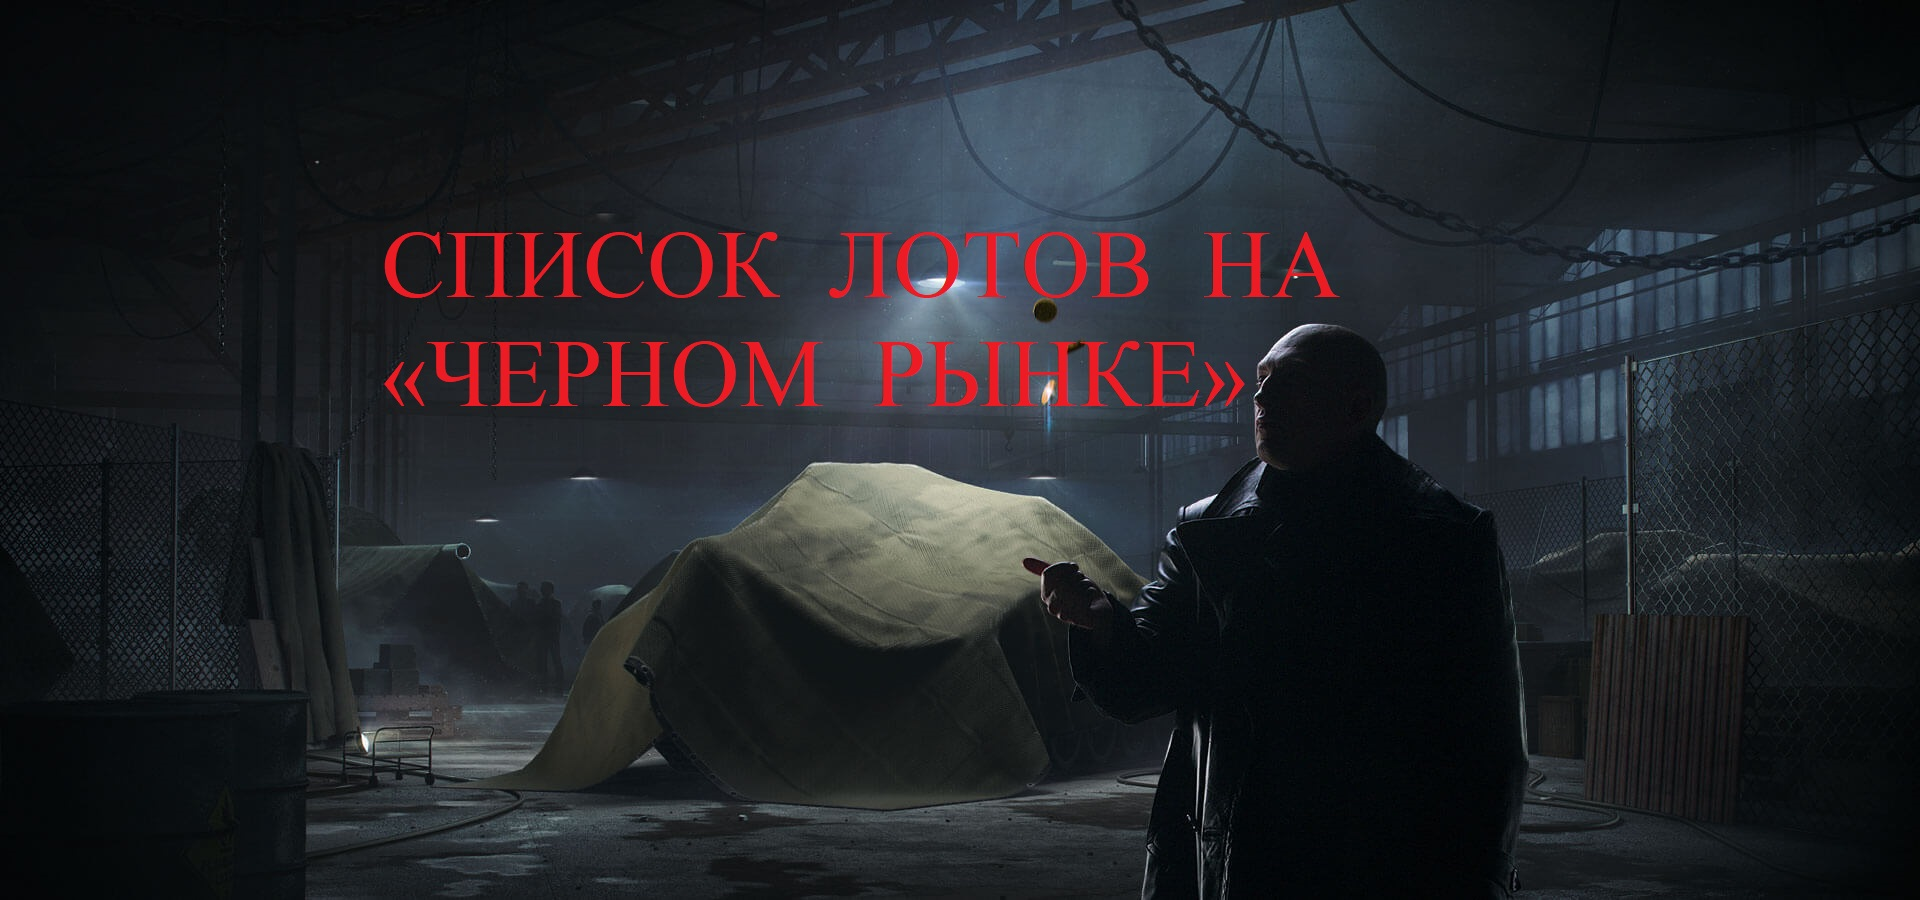 Какие танки будут продаваться на «Черном рынке» в World of Tanks? Слив списка лотов!